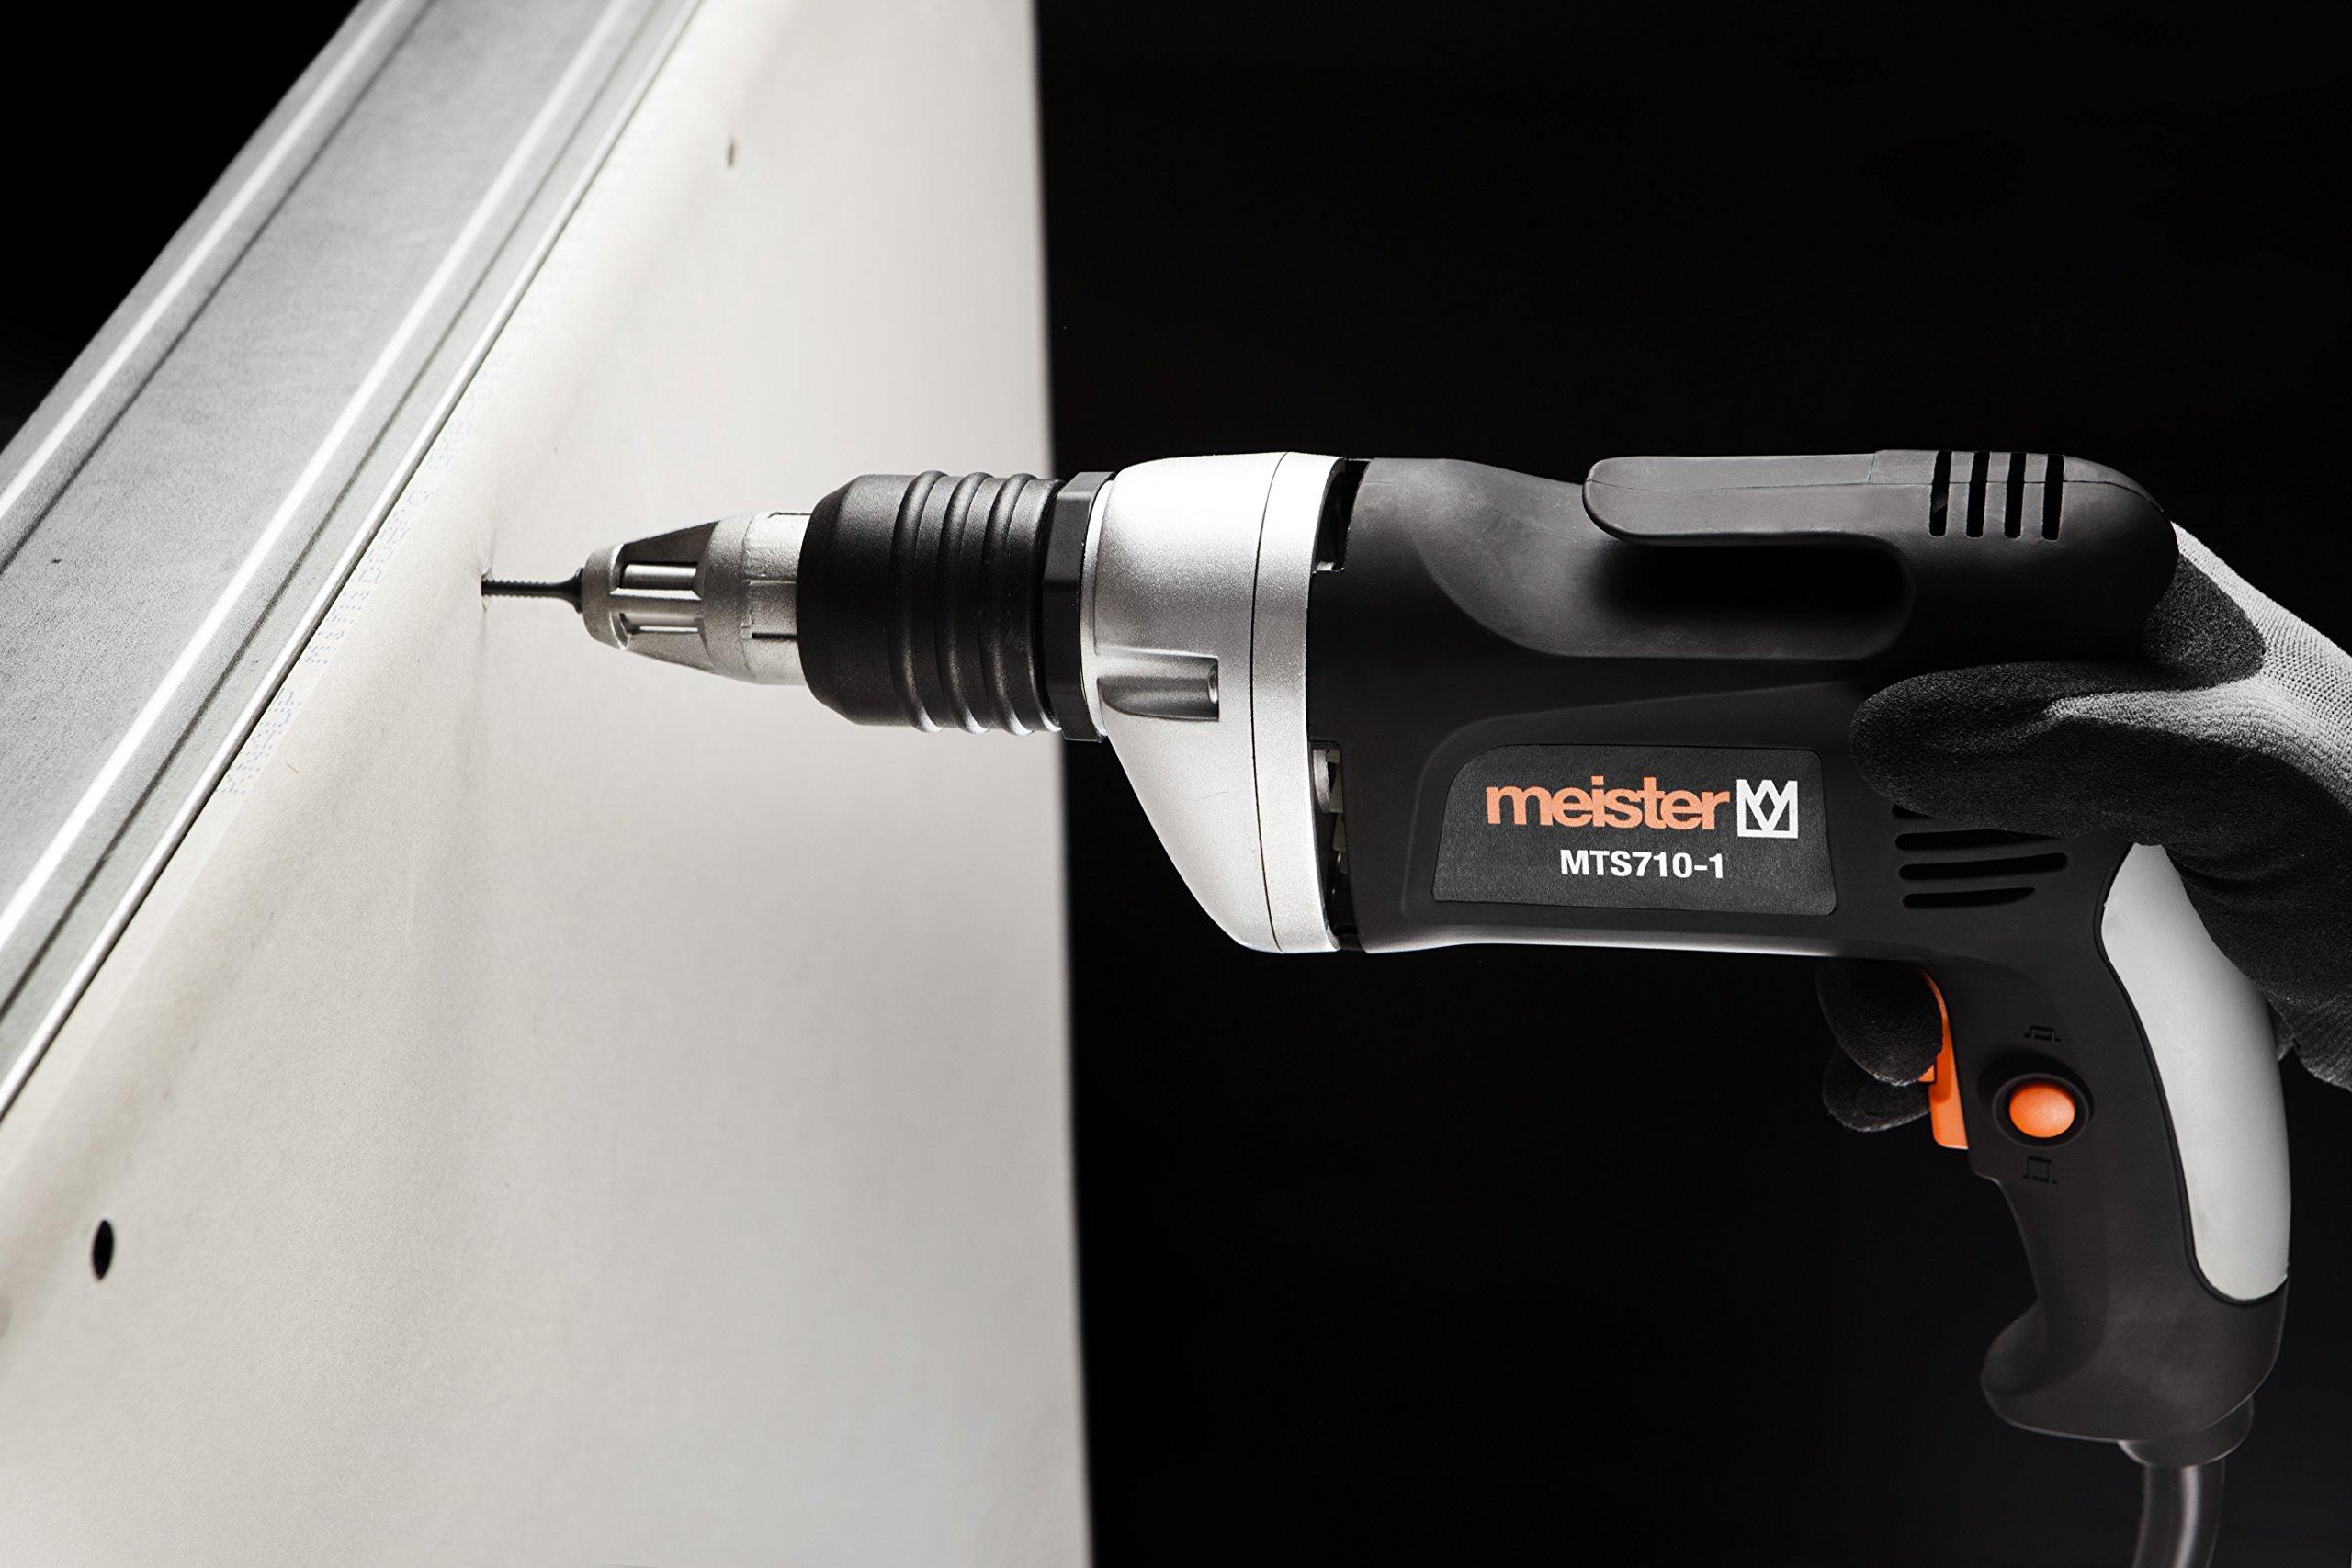 Meister-5451520-Trockenbauschrauber-710-W-MTS710-1